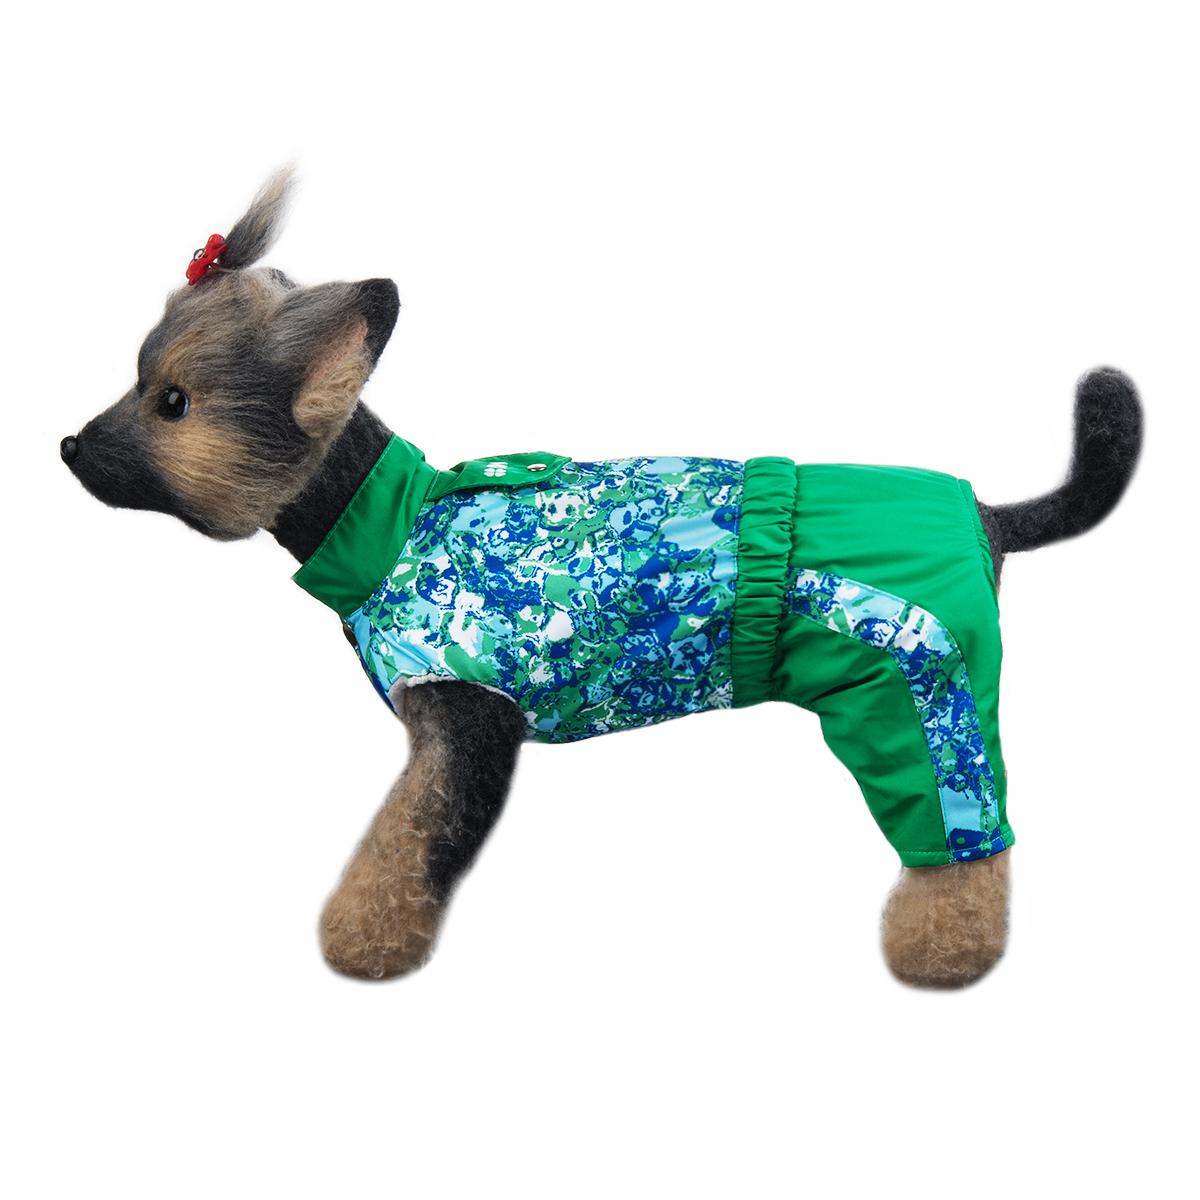 Комбинезон для собак Dogmoda Грин, унисекс, цвет: зеленый, синий, белый. Размер 1 (S) комбинезон для собак dogmoda мегаполис унисекс цвет синий размер xxl